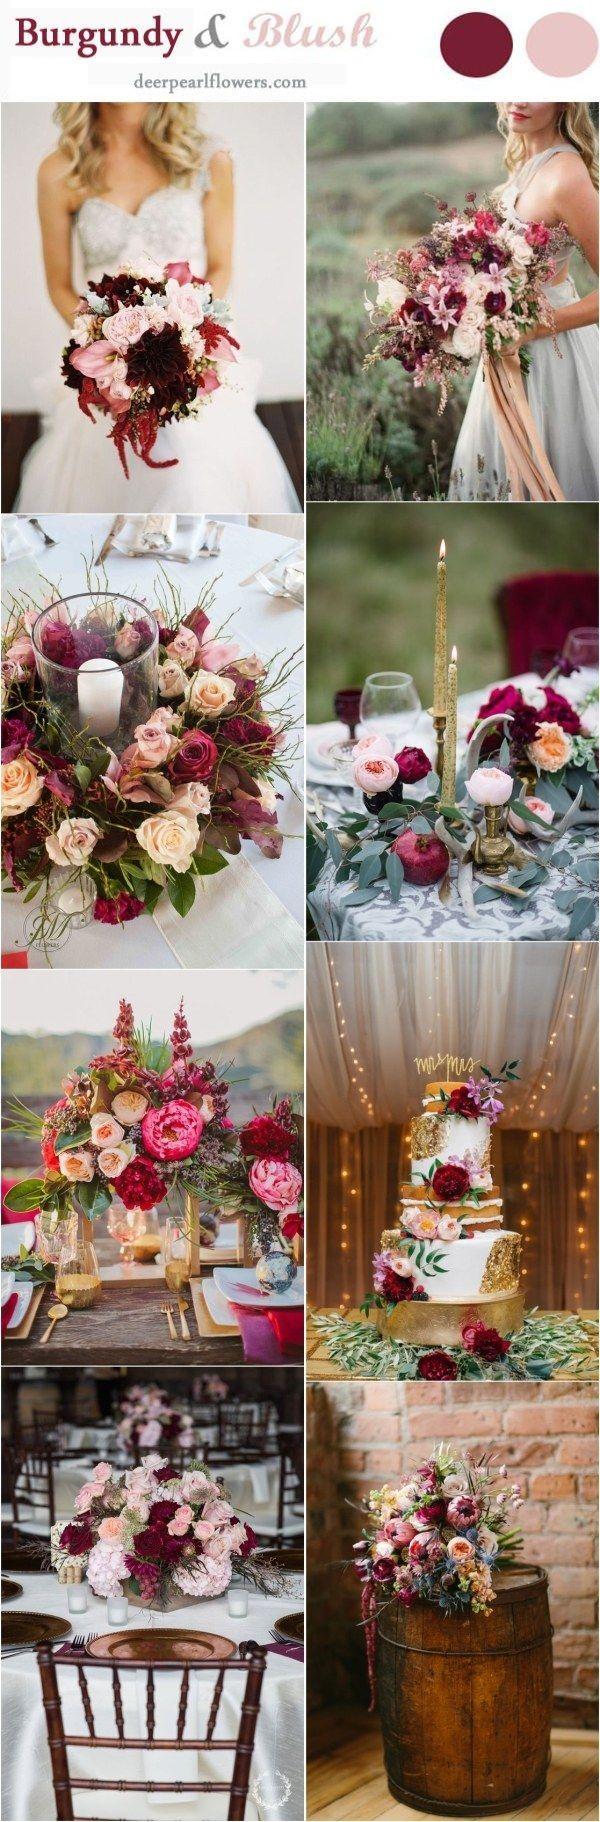 Best 25 romantic weddings ideas on pinterest for Wedding themes for september